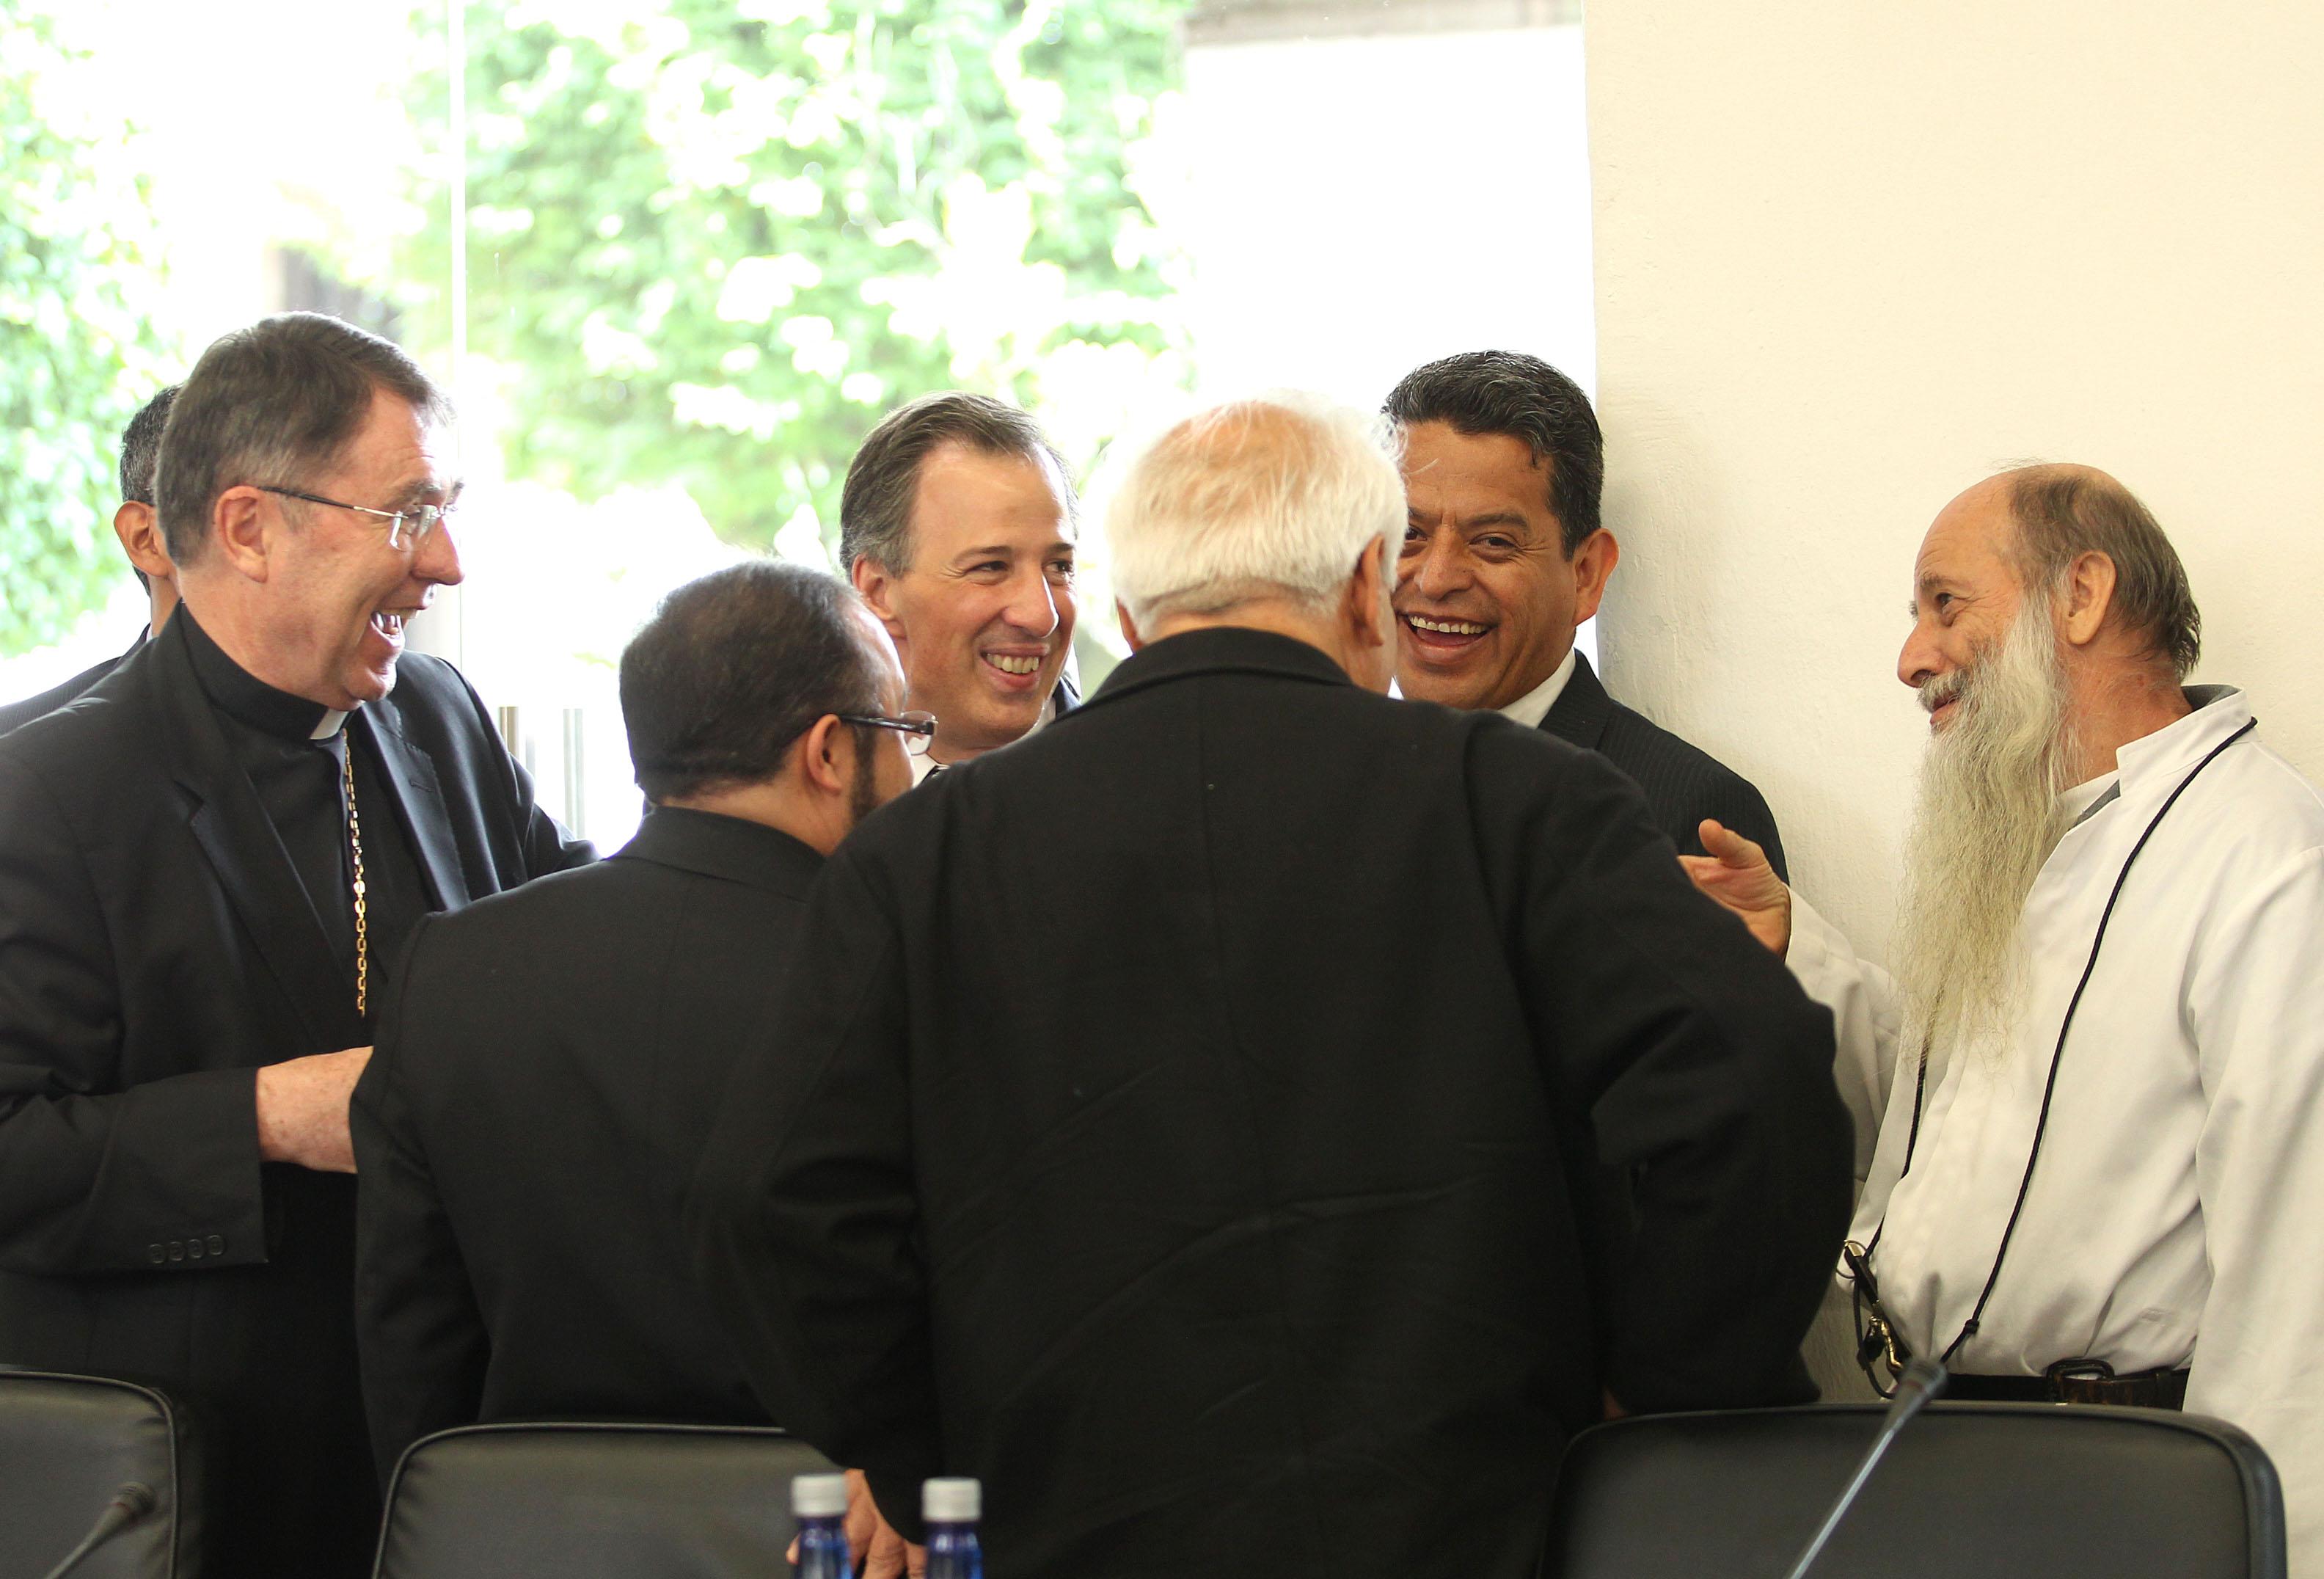 FOTO 1 Reuni n con integrantes de la Conferencia del Episcopado Mexicanojpg